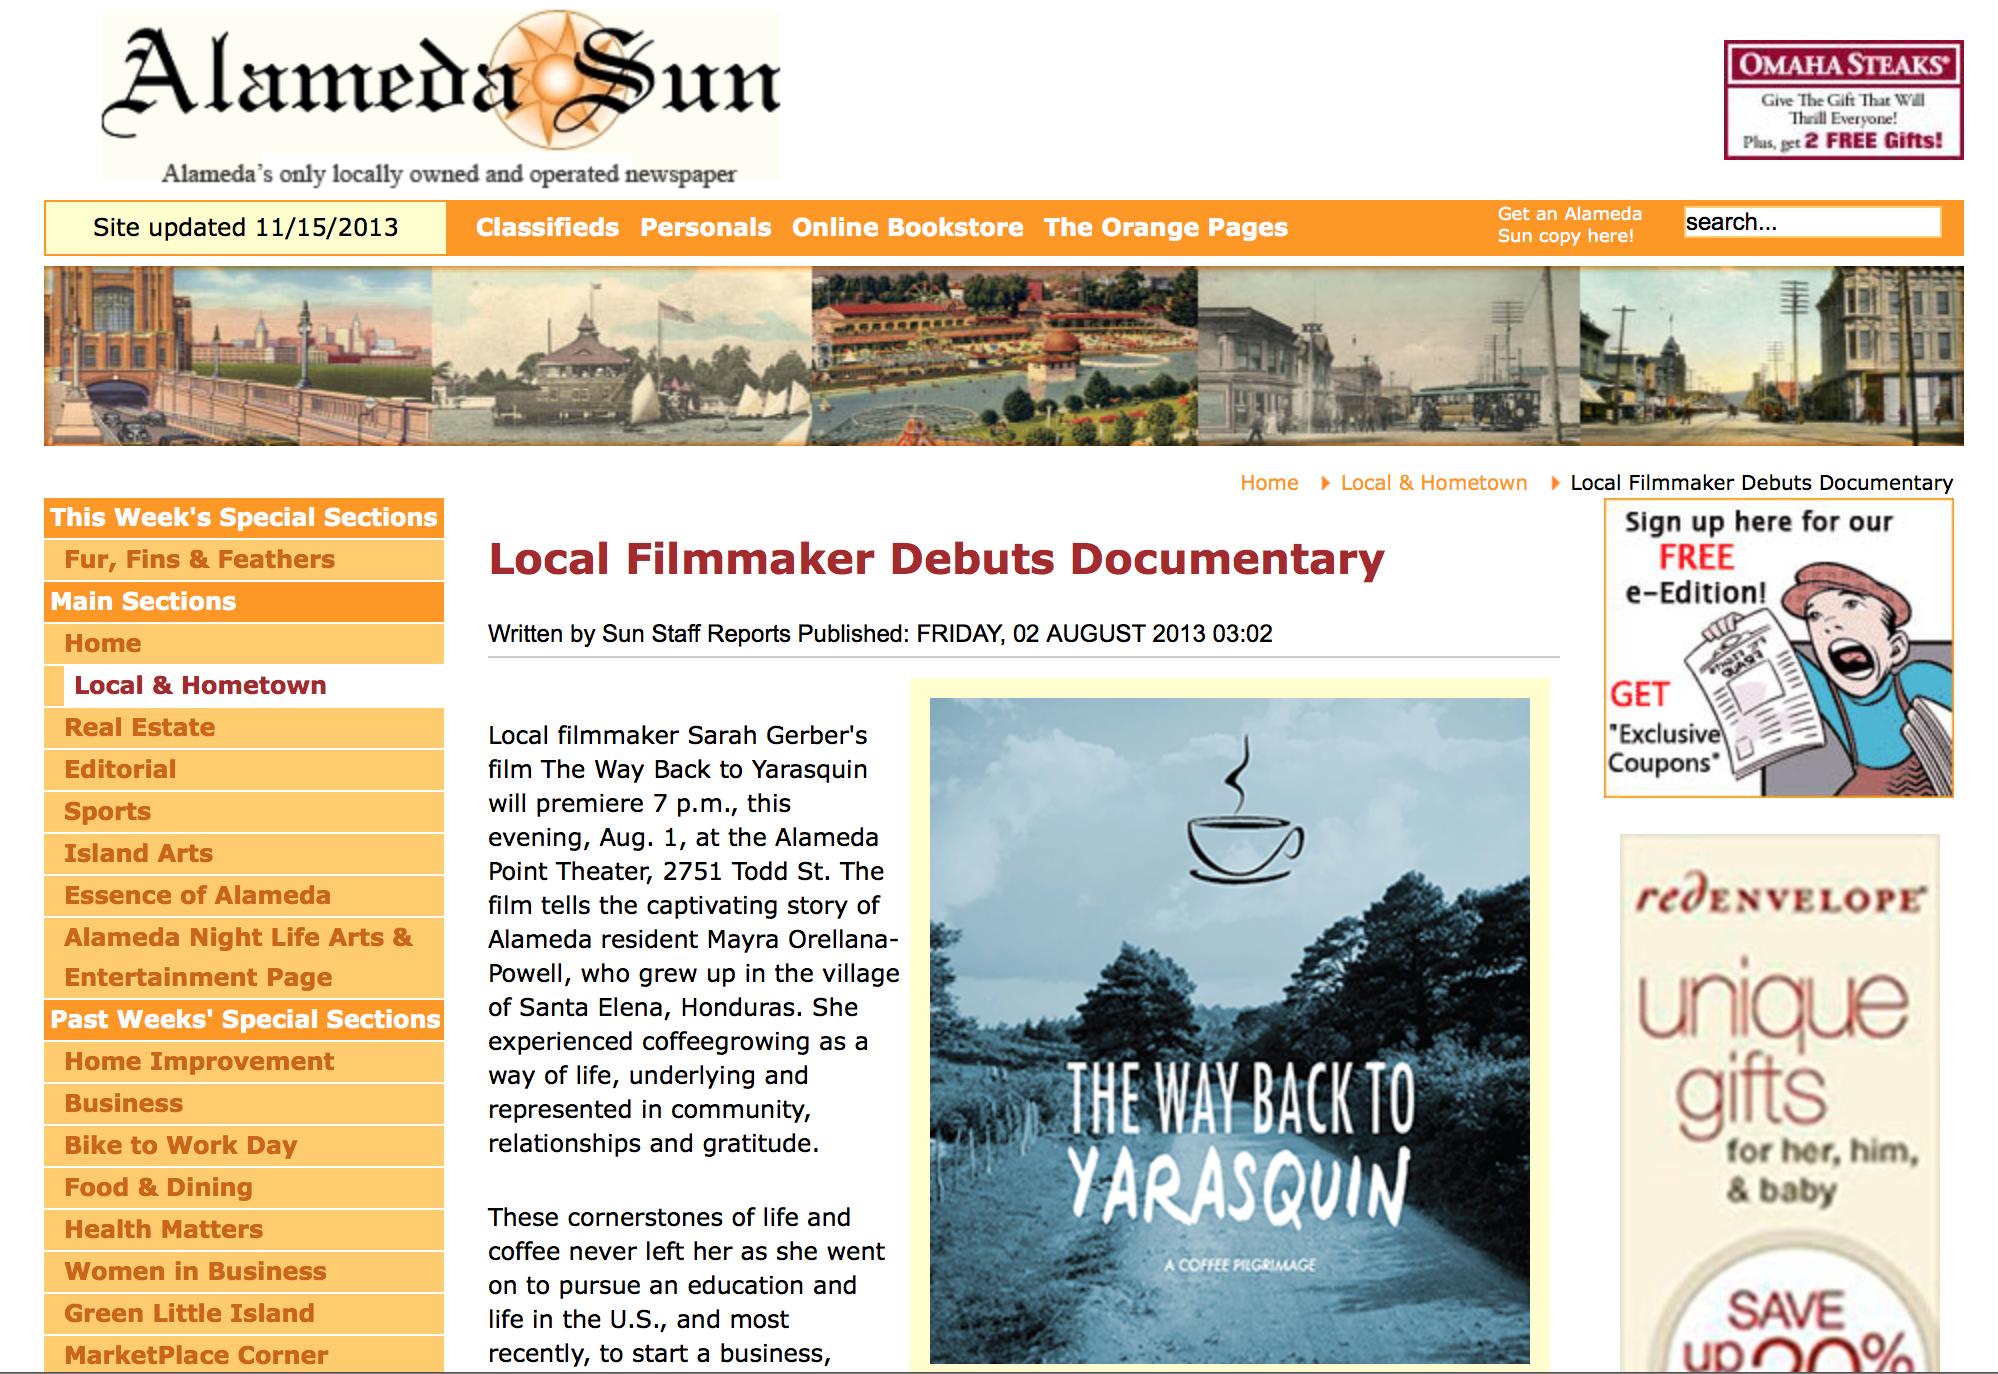 Screen Shot 2013-11-18 at 12.30.26 PM.png